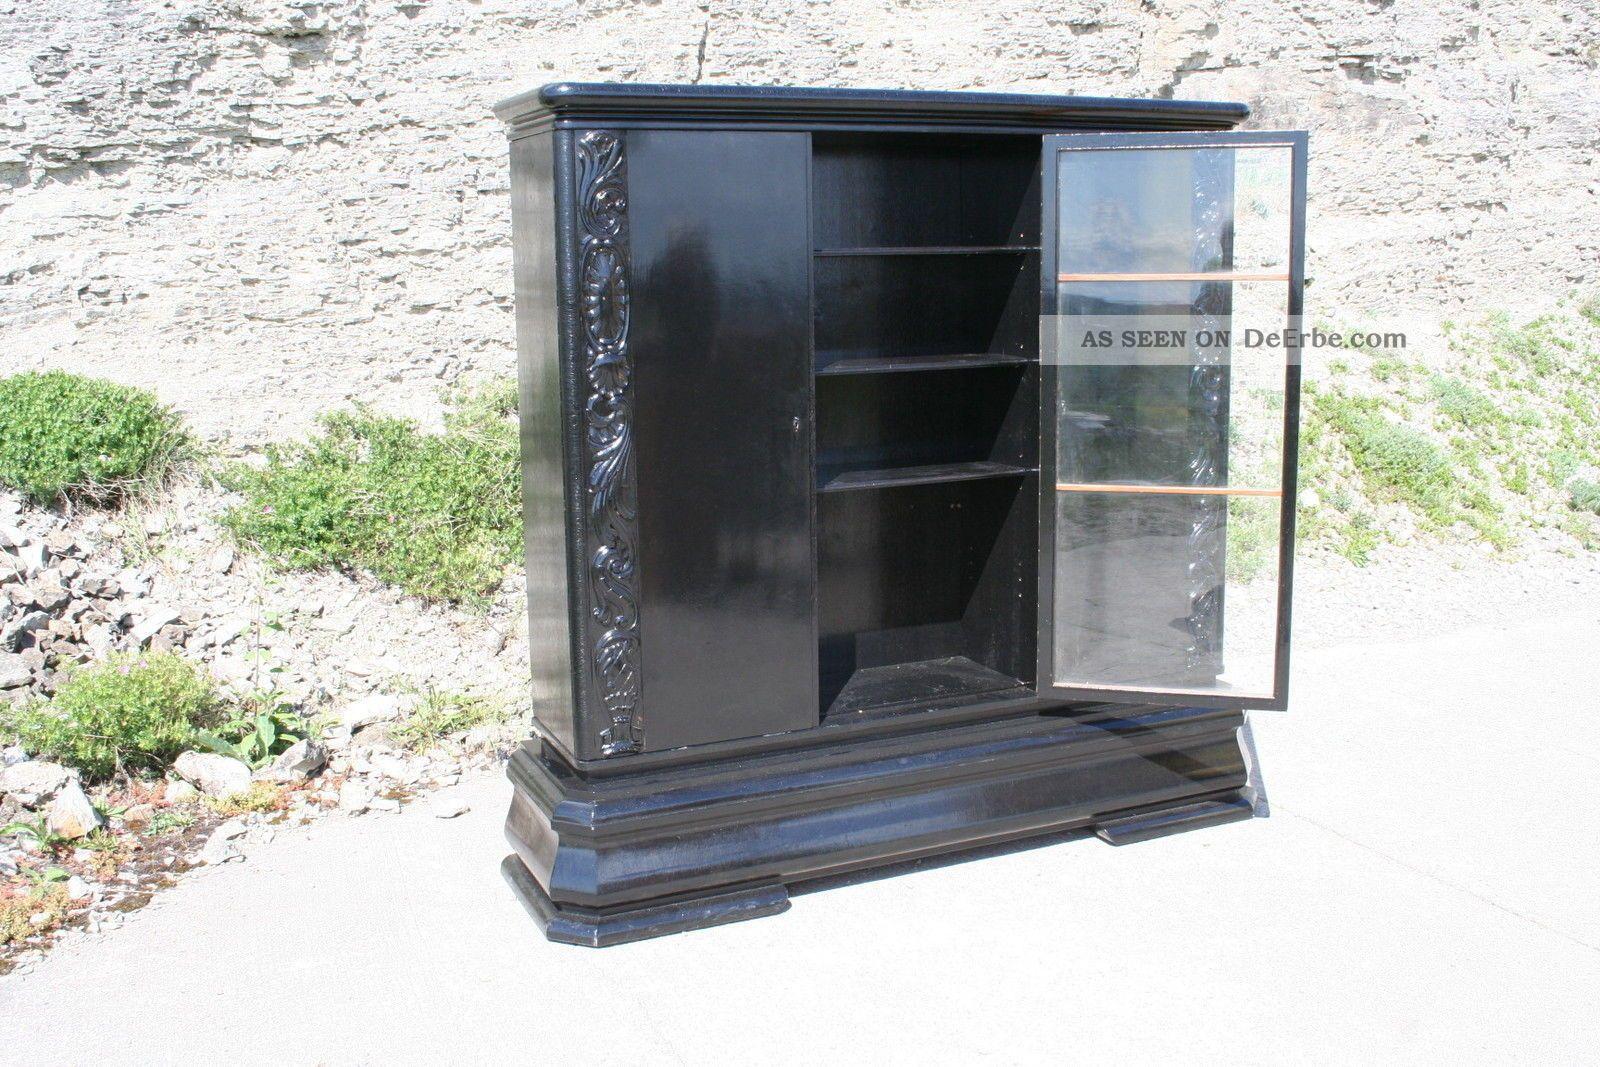 schrank berlin vitrine kleiderschrank b cherschrank schwarz art deco hochglanz. Black Bedroom Furniture Sets. Home Design Ideas